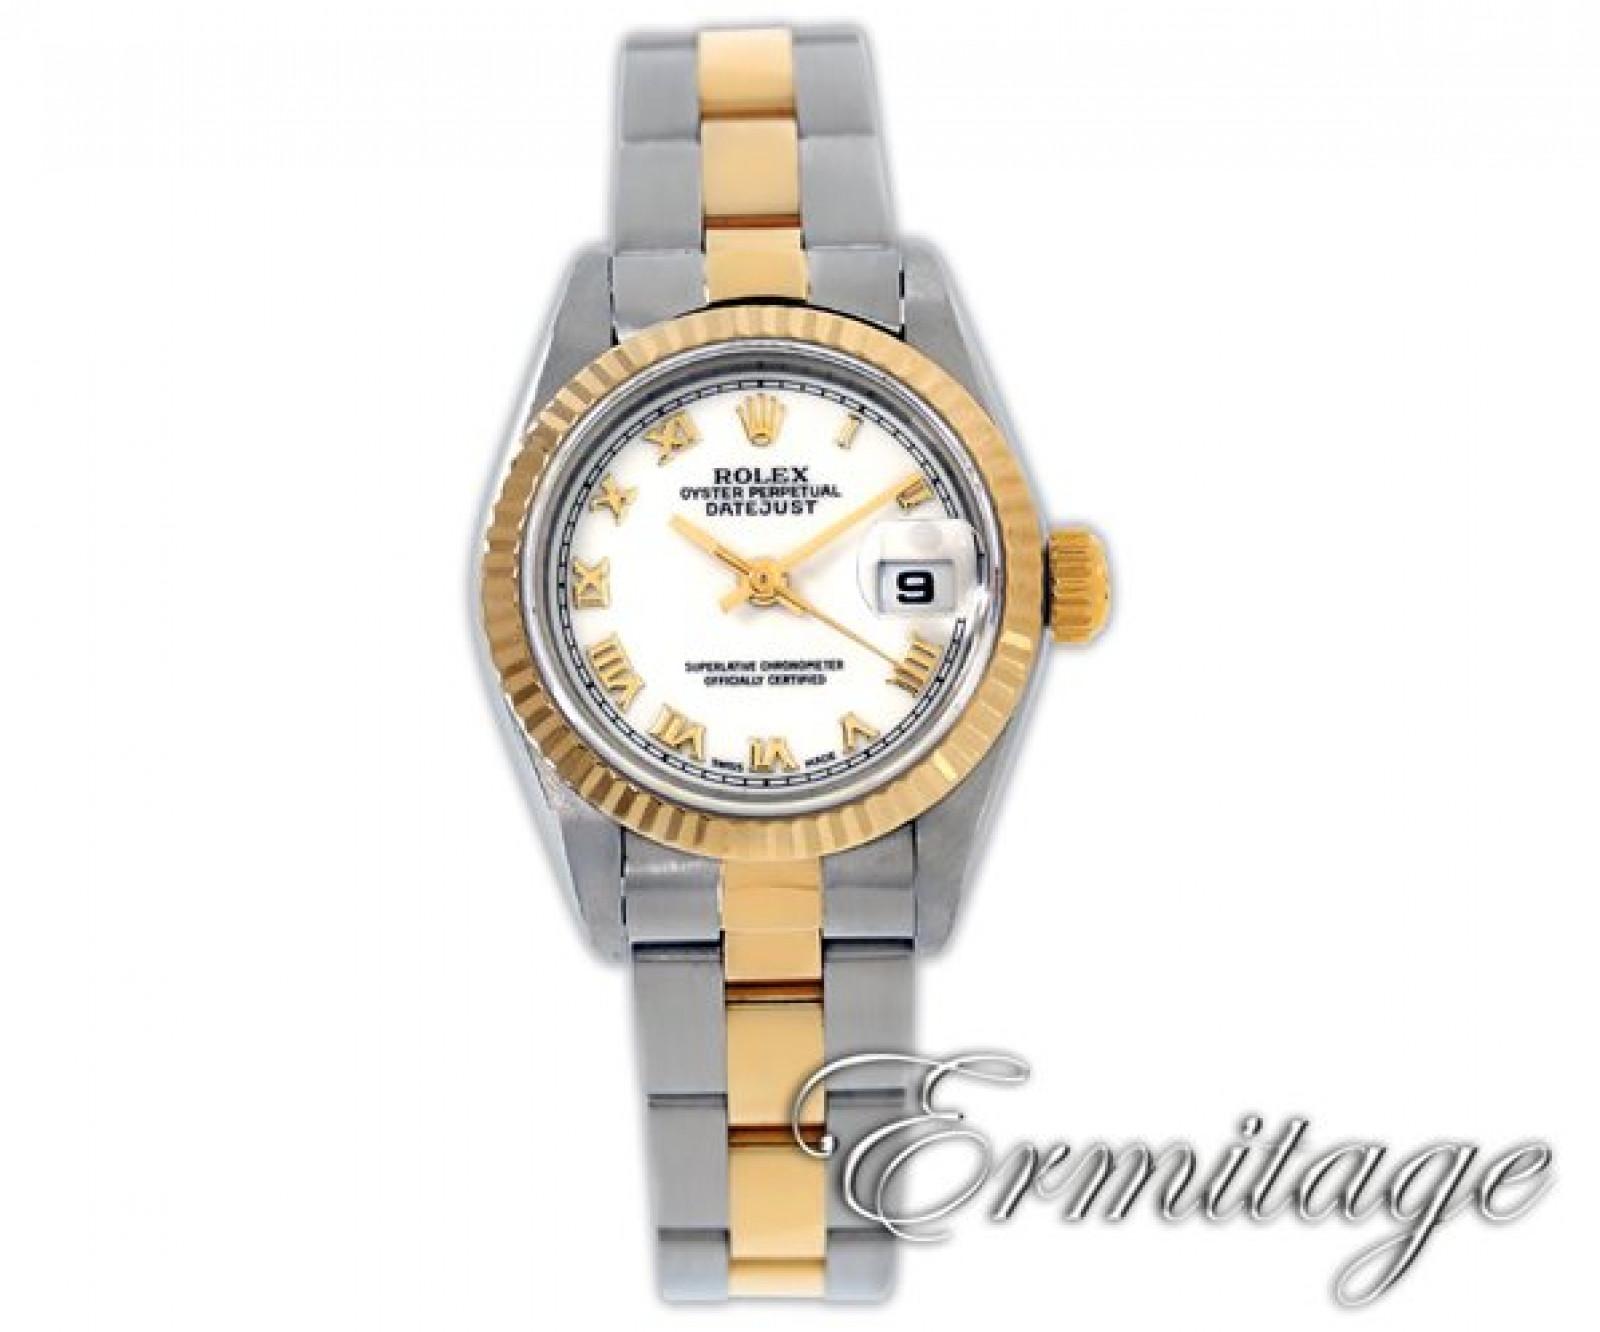 Rolex Datejust 69173 Gold & Steel White